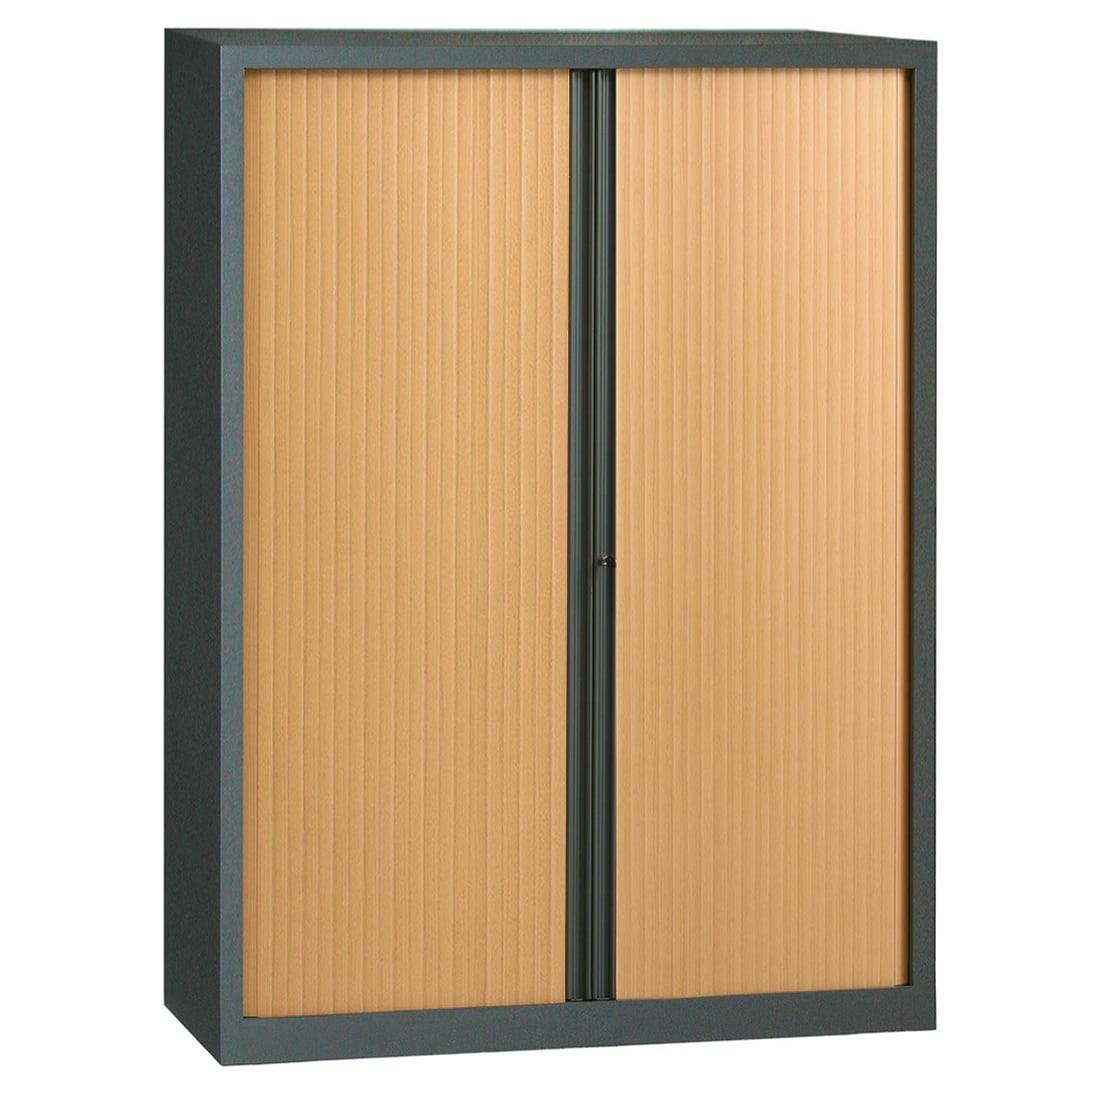 armoire rideaux s rie kit plus h198 l140 armoire plus. Black Bedroom Furniture Sets. Home Design Ideas